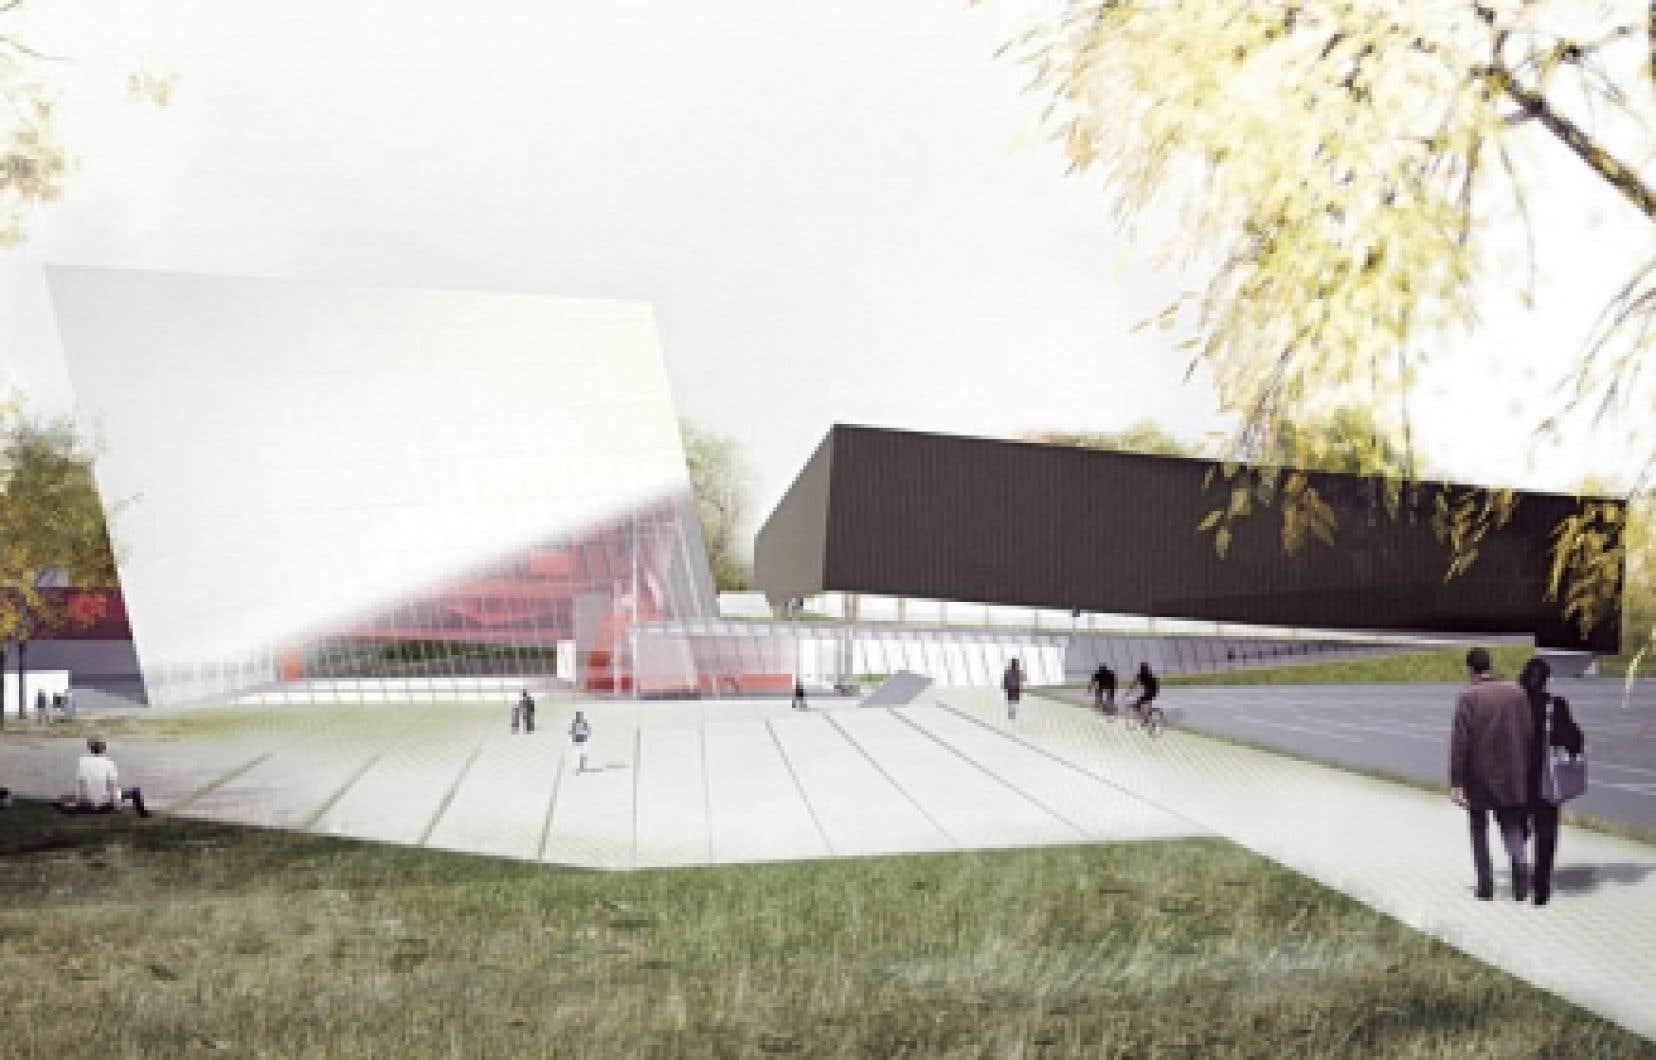 Concours pour le Complexe sportif de l'arrondissement de Saint-Laurent, Saucier + Perrotte architectes. Perspective du bâtiment vue depuis le boulevard Thimens.